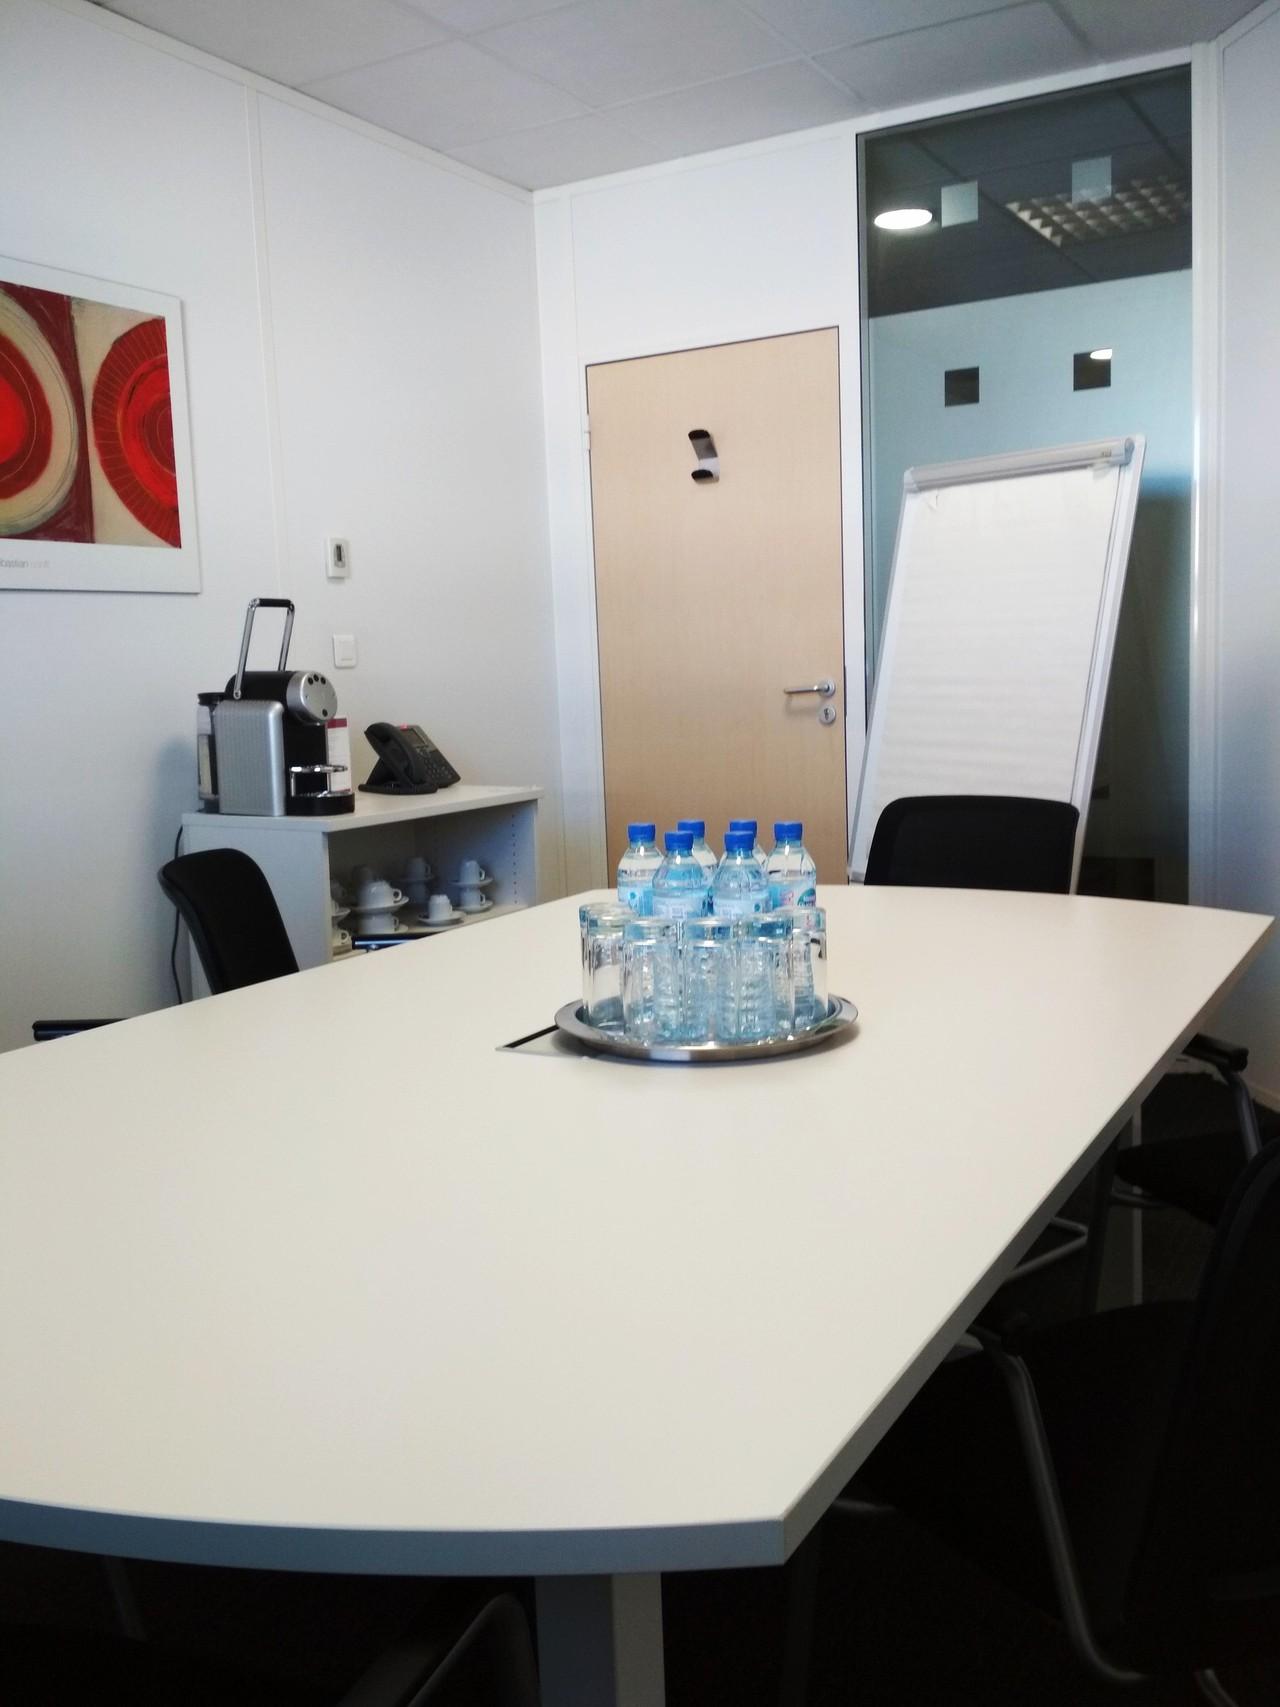 Autres villes workshop spaces Salle de réunion Regus, AIX-EN-PROVENCE, Regus Aix Parc du Golf, Roy Rene image 0